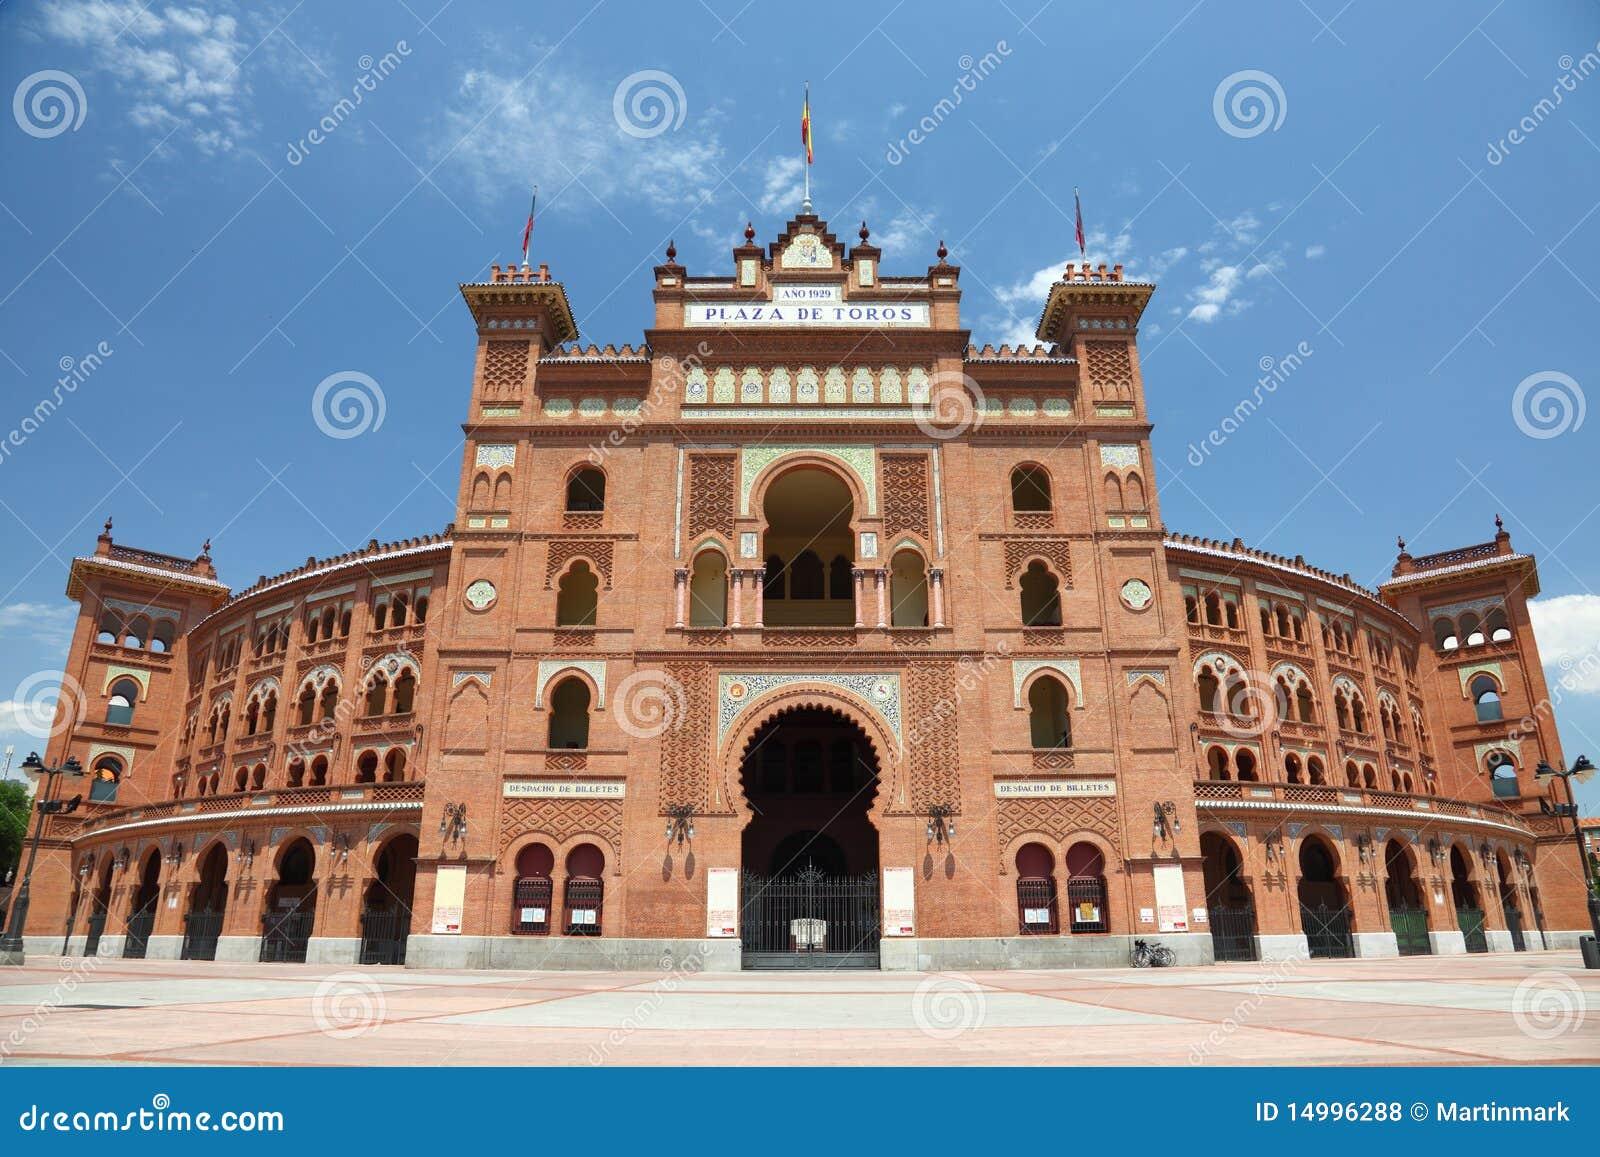 Madrid Bullring Plaza De Toros De Las Ventas Royalty Free ...